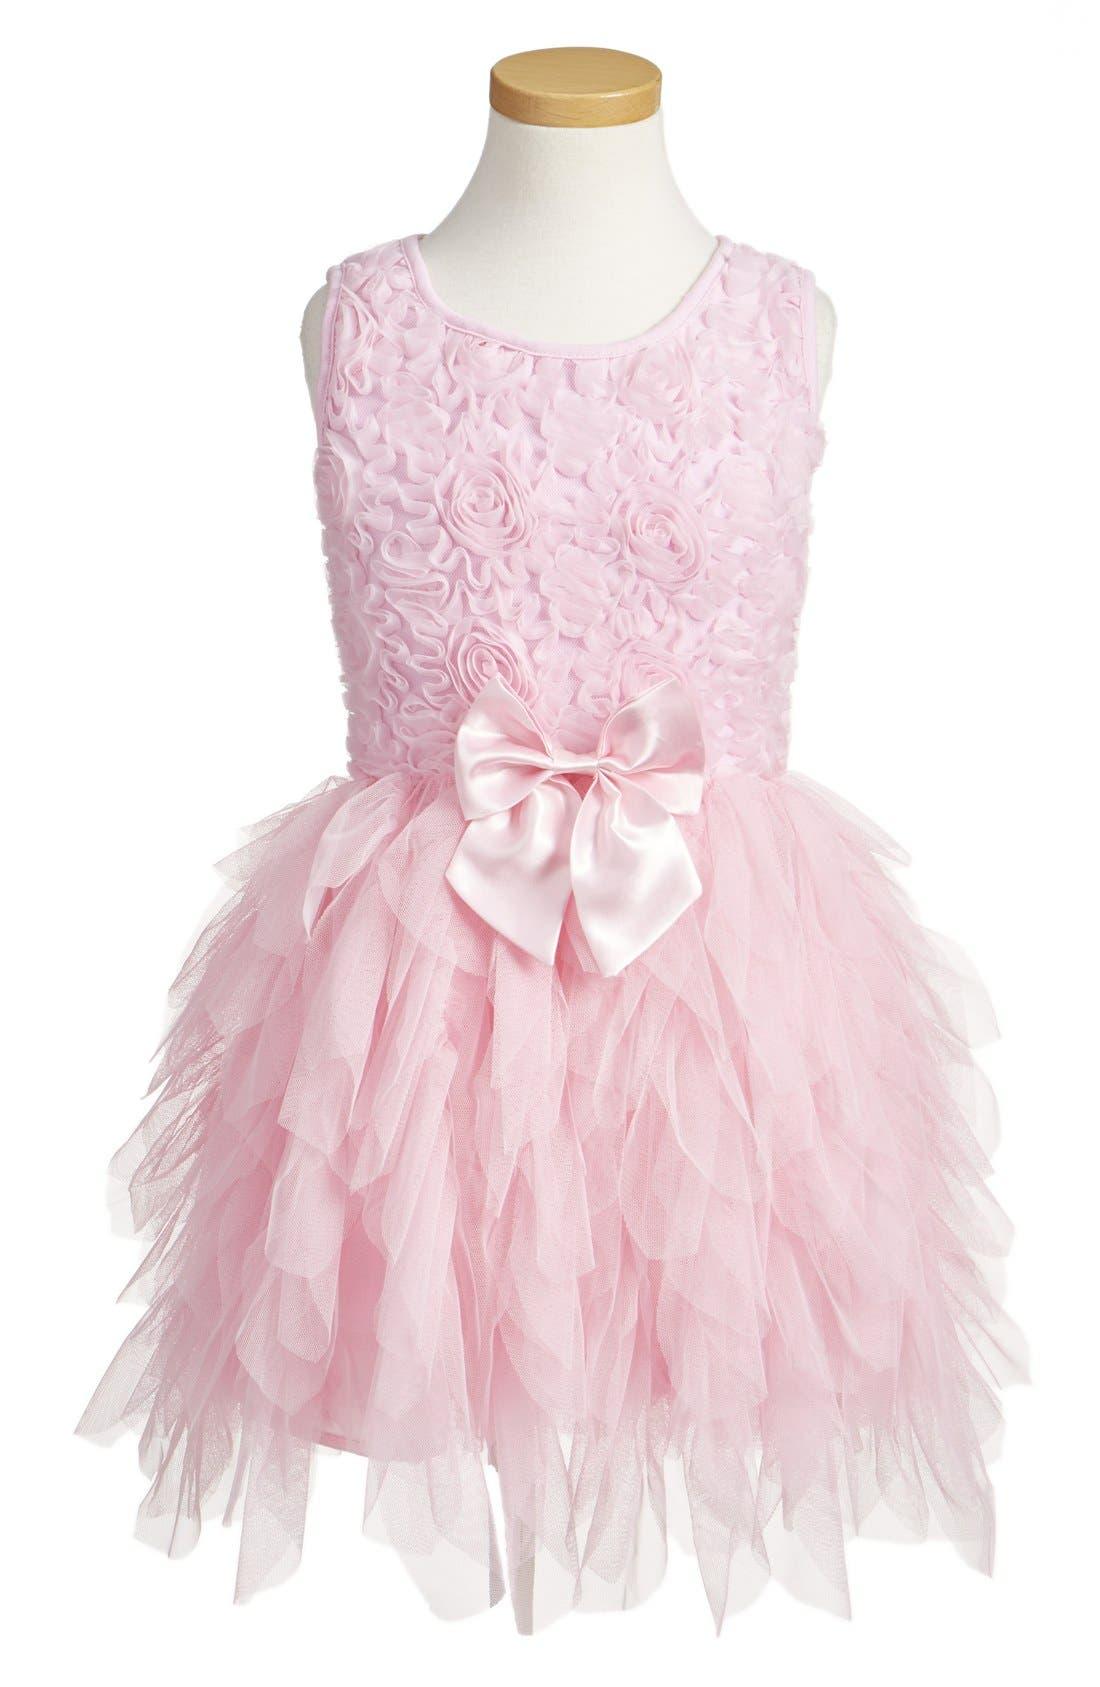 Ribbon Rosette Sleeveless Tulle Dress,                         Main,                         color, 650